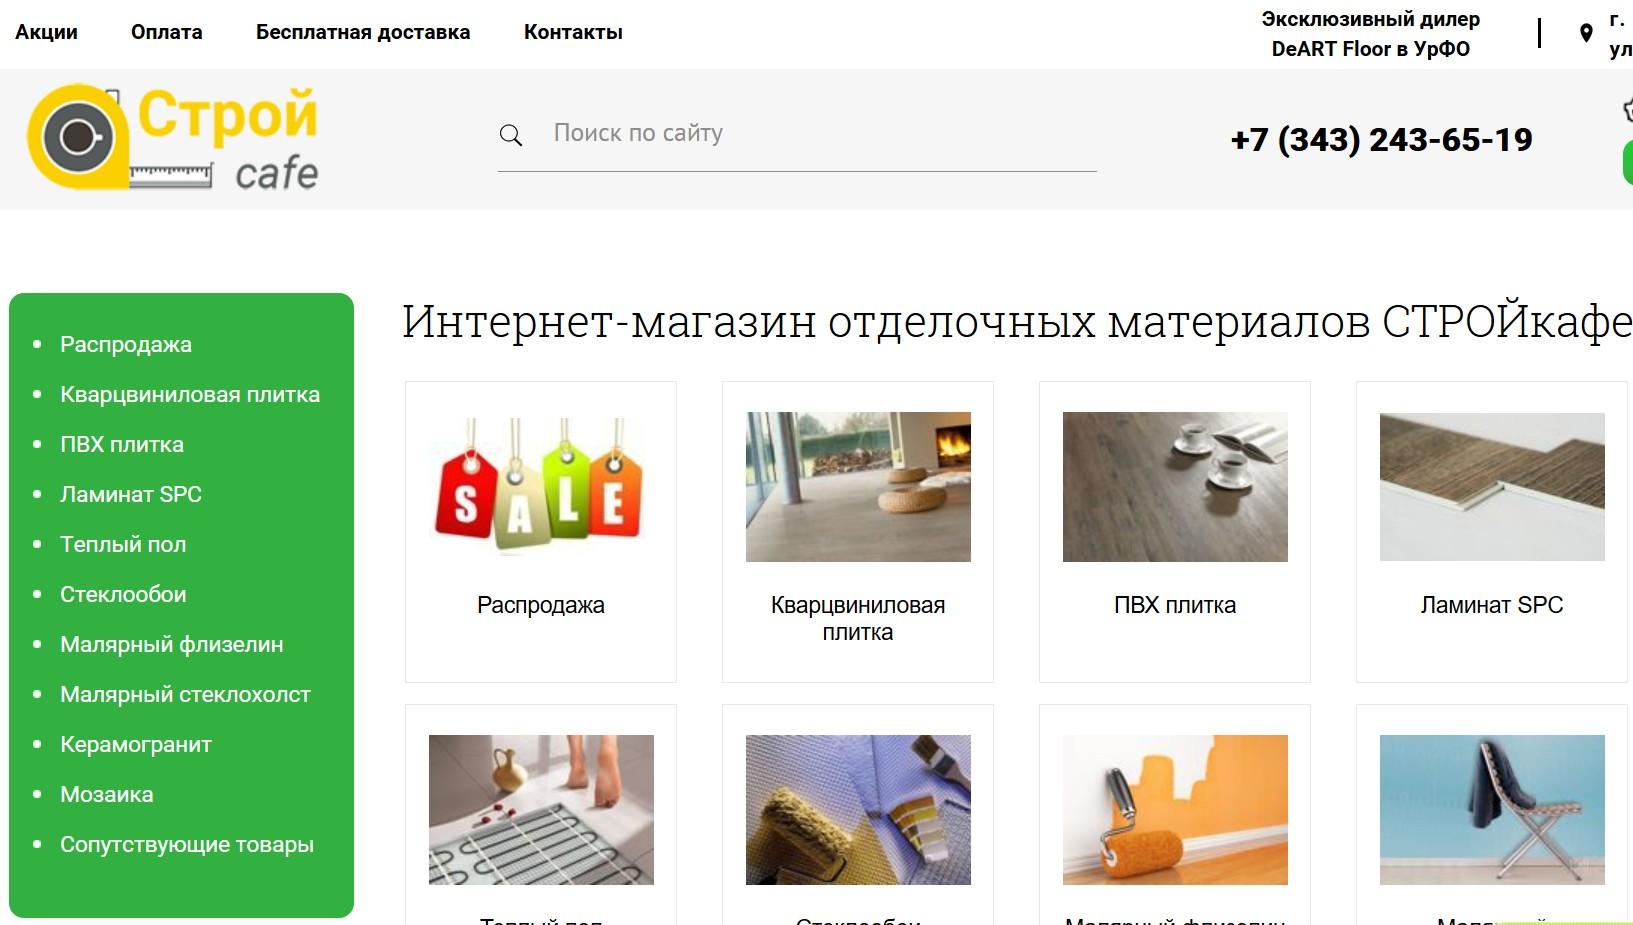 Продвижение Интернет-магазина отделочных материалов